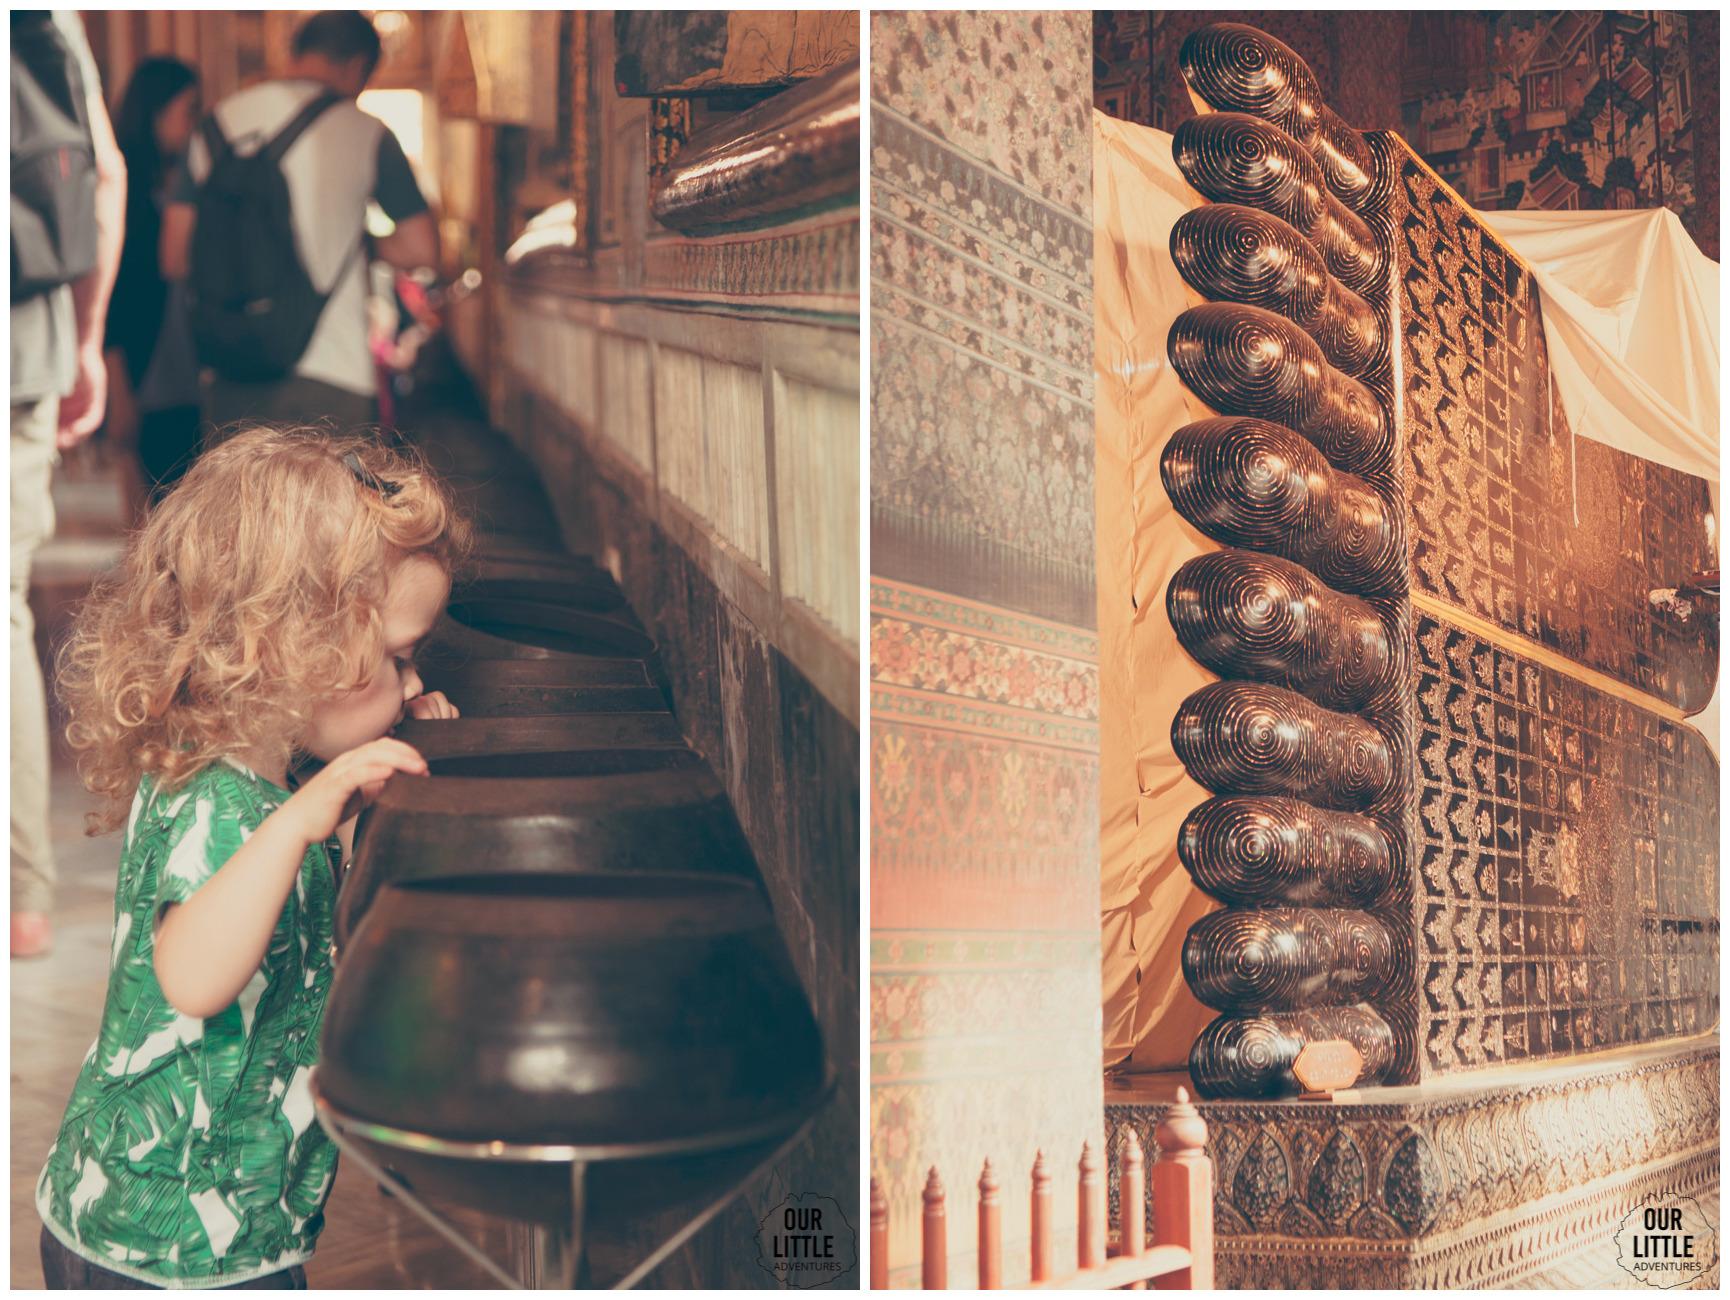 leżący, złoty Budda w Wat Phra Kaew